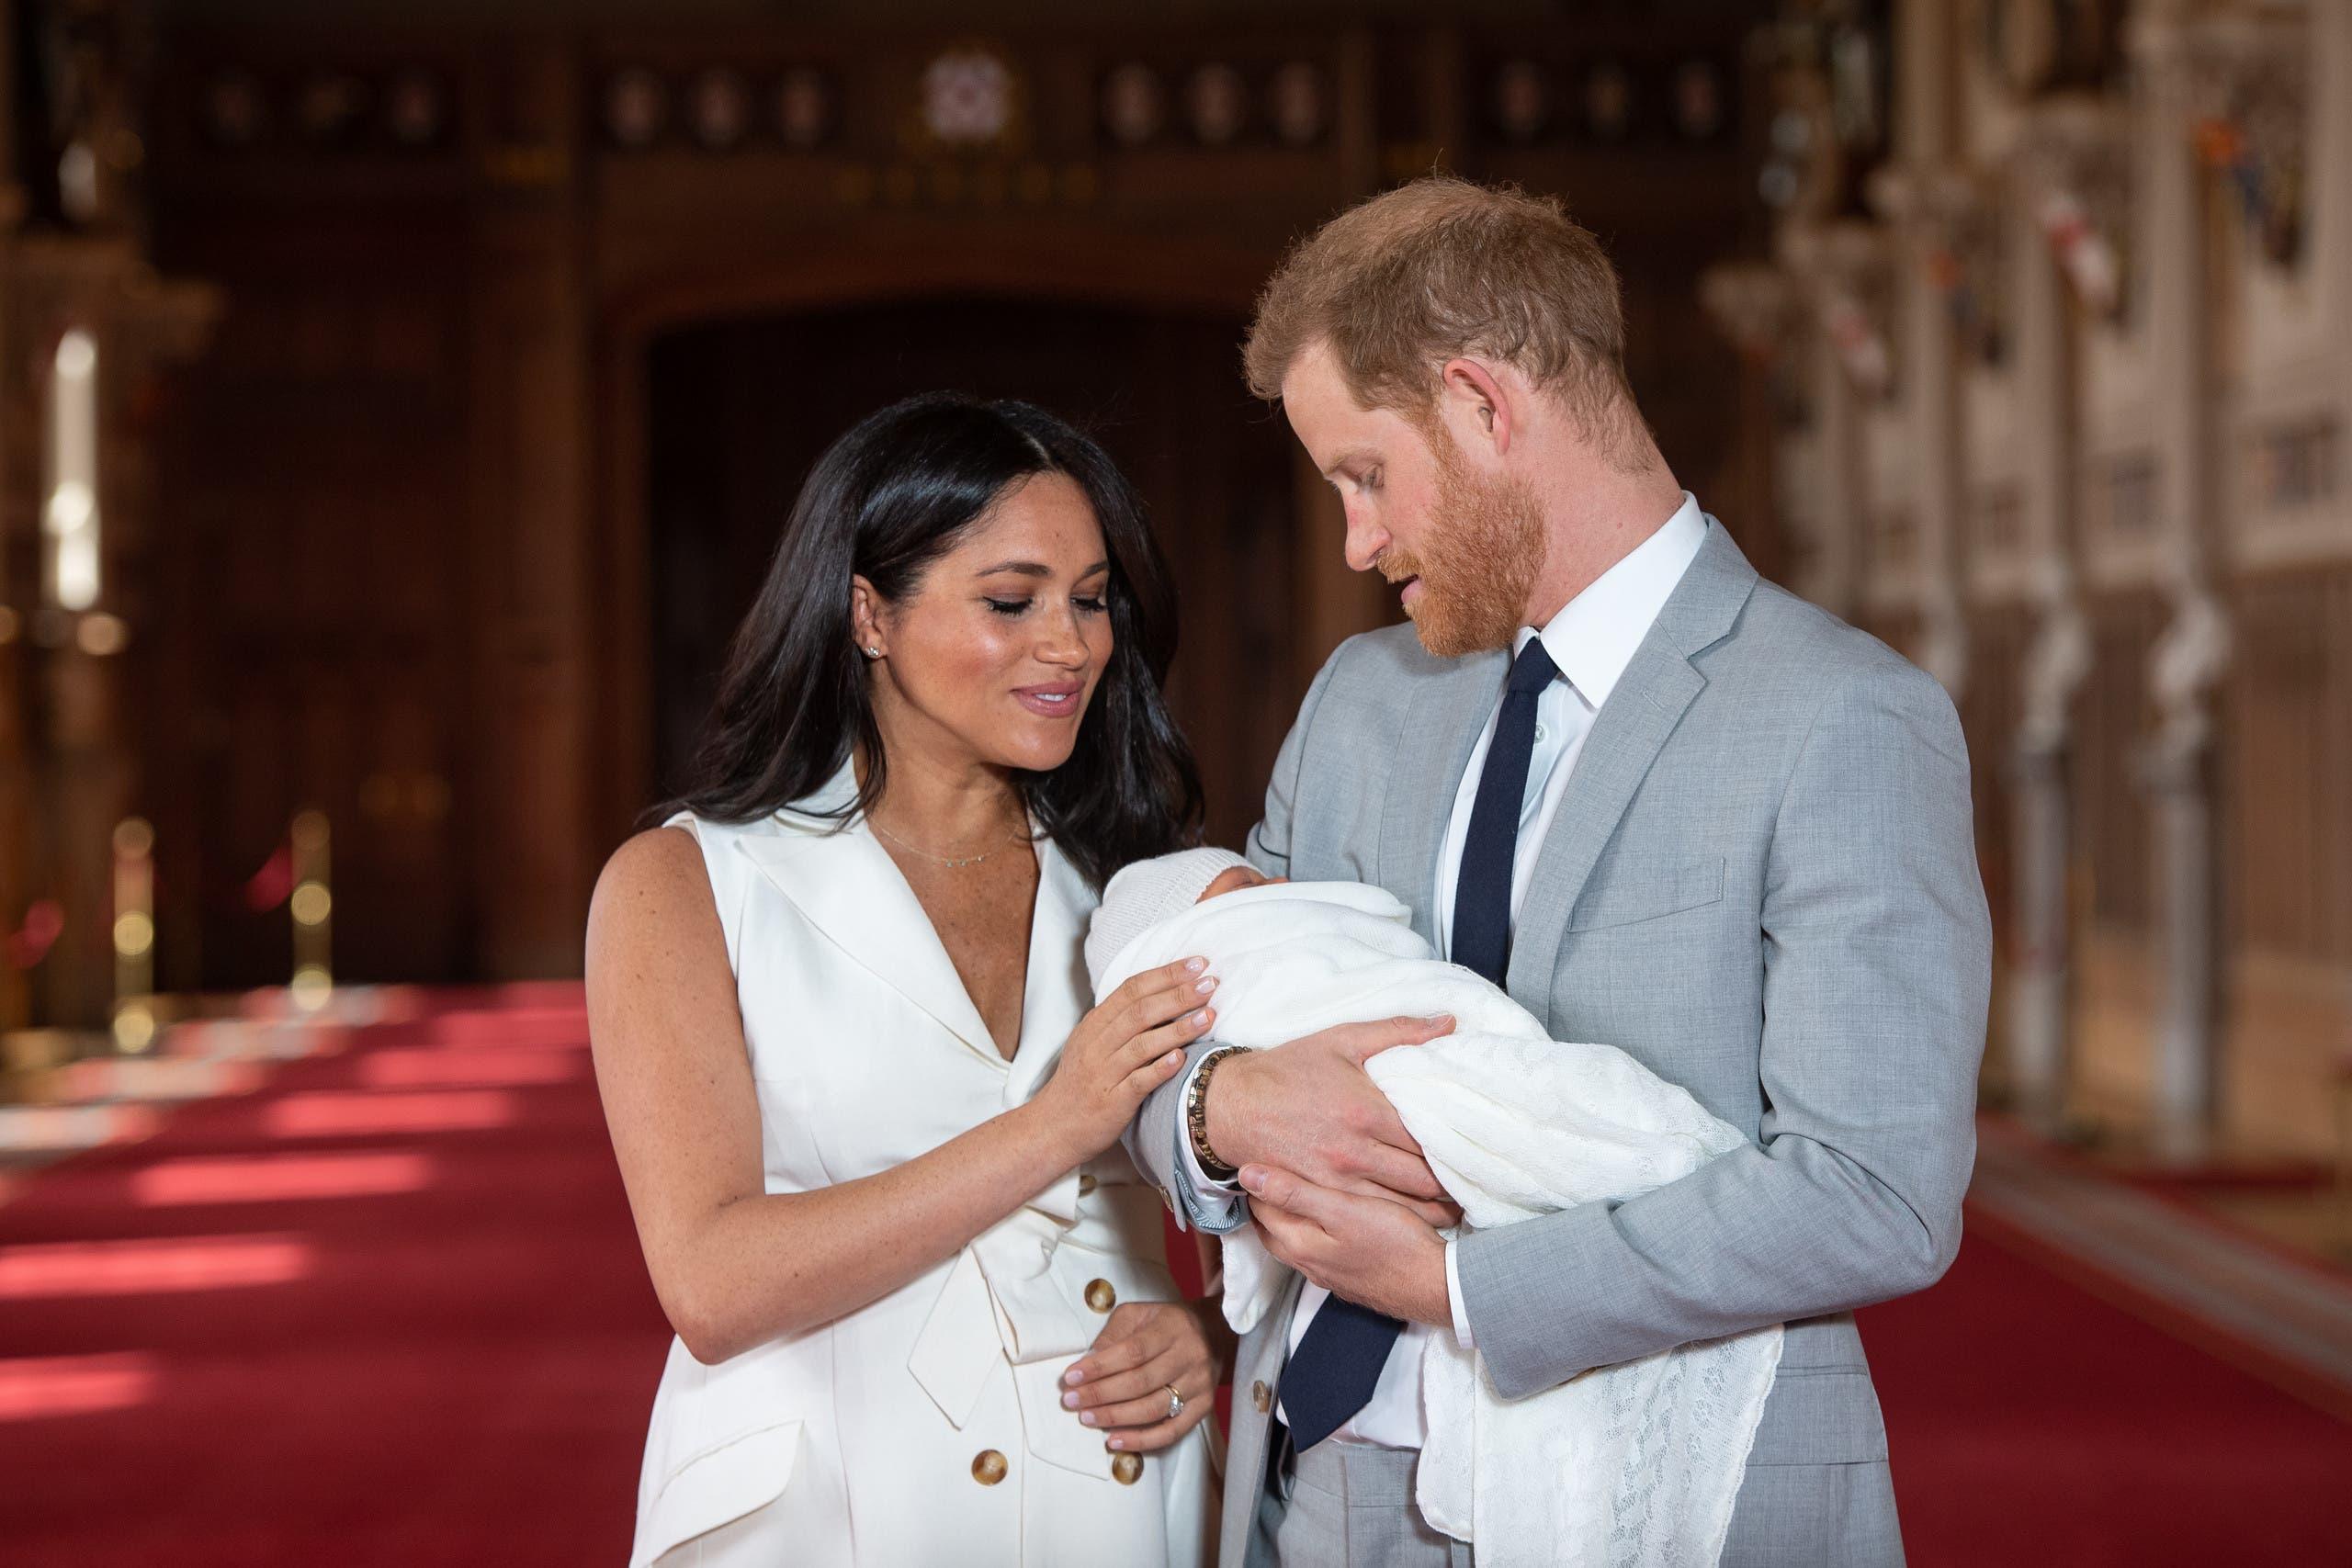 الأمير هاري وميغان ماركل وابنهما خلال أول ظهور علني له في مايو 2019